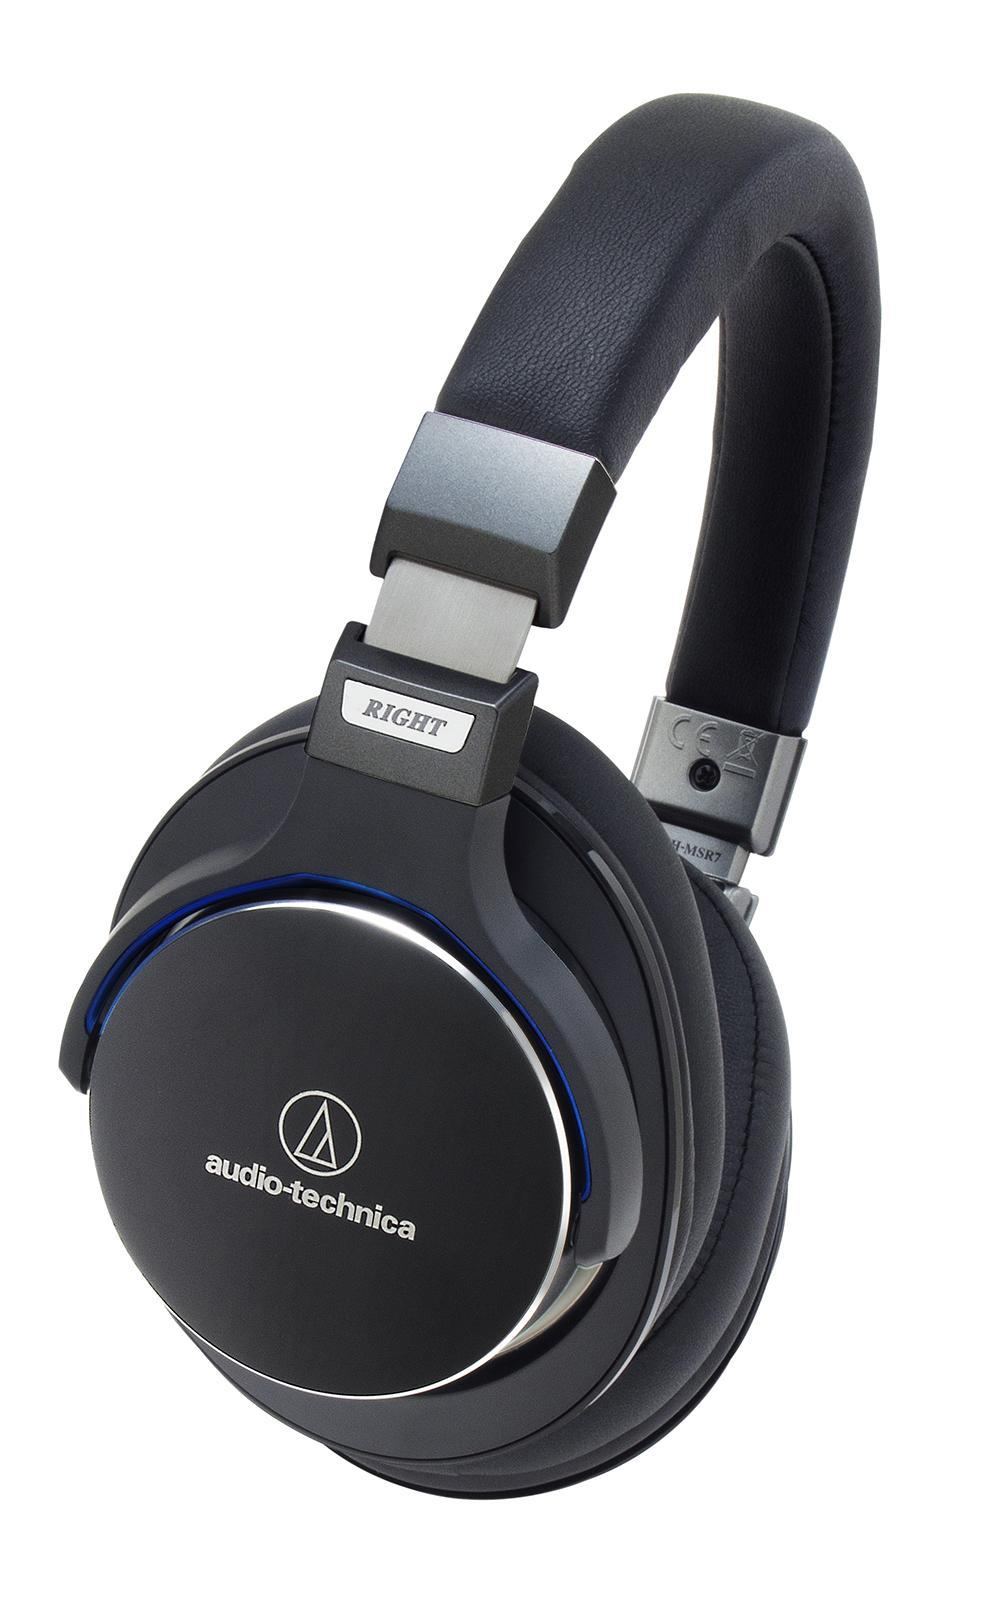 Audio-Technica ATH-MSR7, Black наушникиATH-MSR7 BKAudio-Technica ATH-MSR7 – это полноразмерные универсальные наушники, сочетающие в себе Hi-Fi-звук и премиальный дизайн, сдержанный и стильный. Модель разработана на базе новой воздушно-потоковой технологии, позволяющей улучшить звучание за счет особой циркуляции воздуха в корпусе устройства. Мягкие амбушюры наушников MSR7 способны запоминать форму уха, сводя давление до минимума и обеспечивая долгие часы комфортного прослушивания.